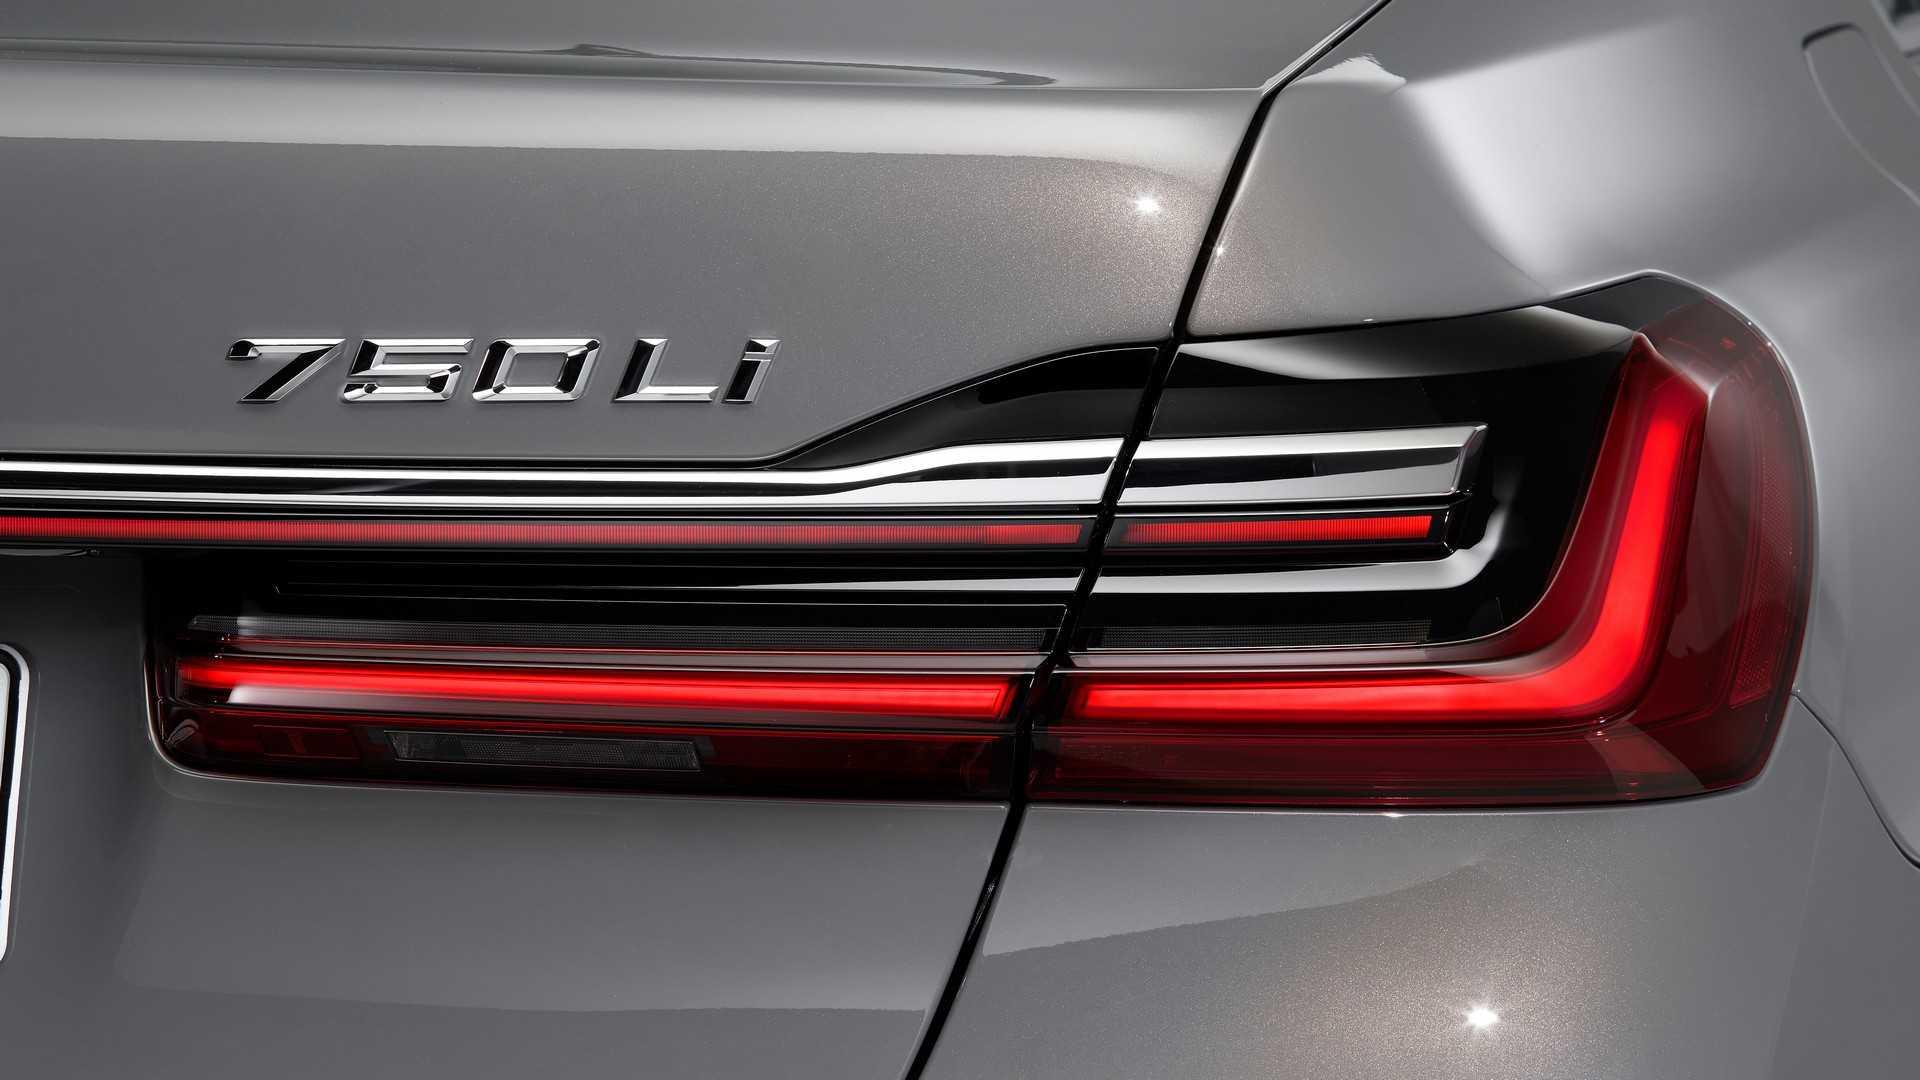 BMW 7 Series thế hệ mới sẽ có thêm bản chạy điện hoàn toàn - 11